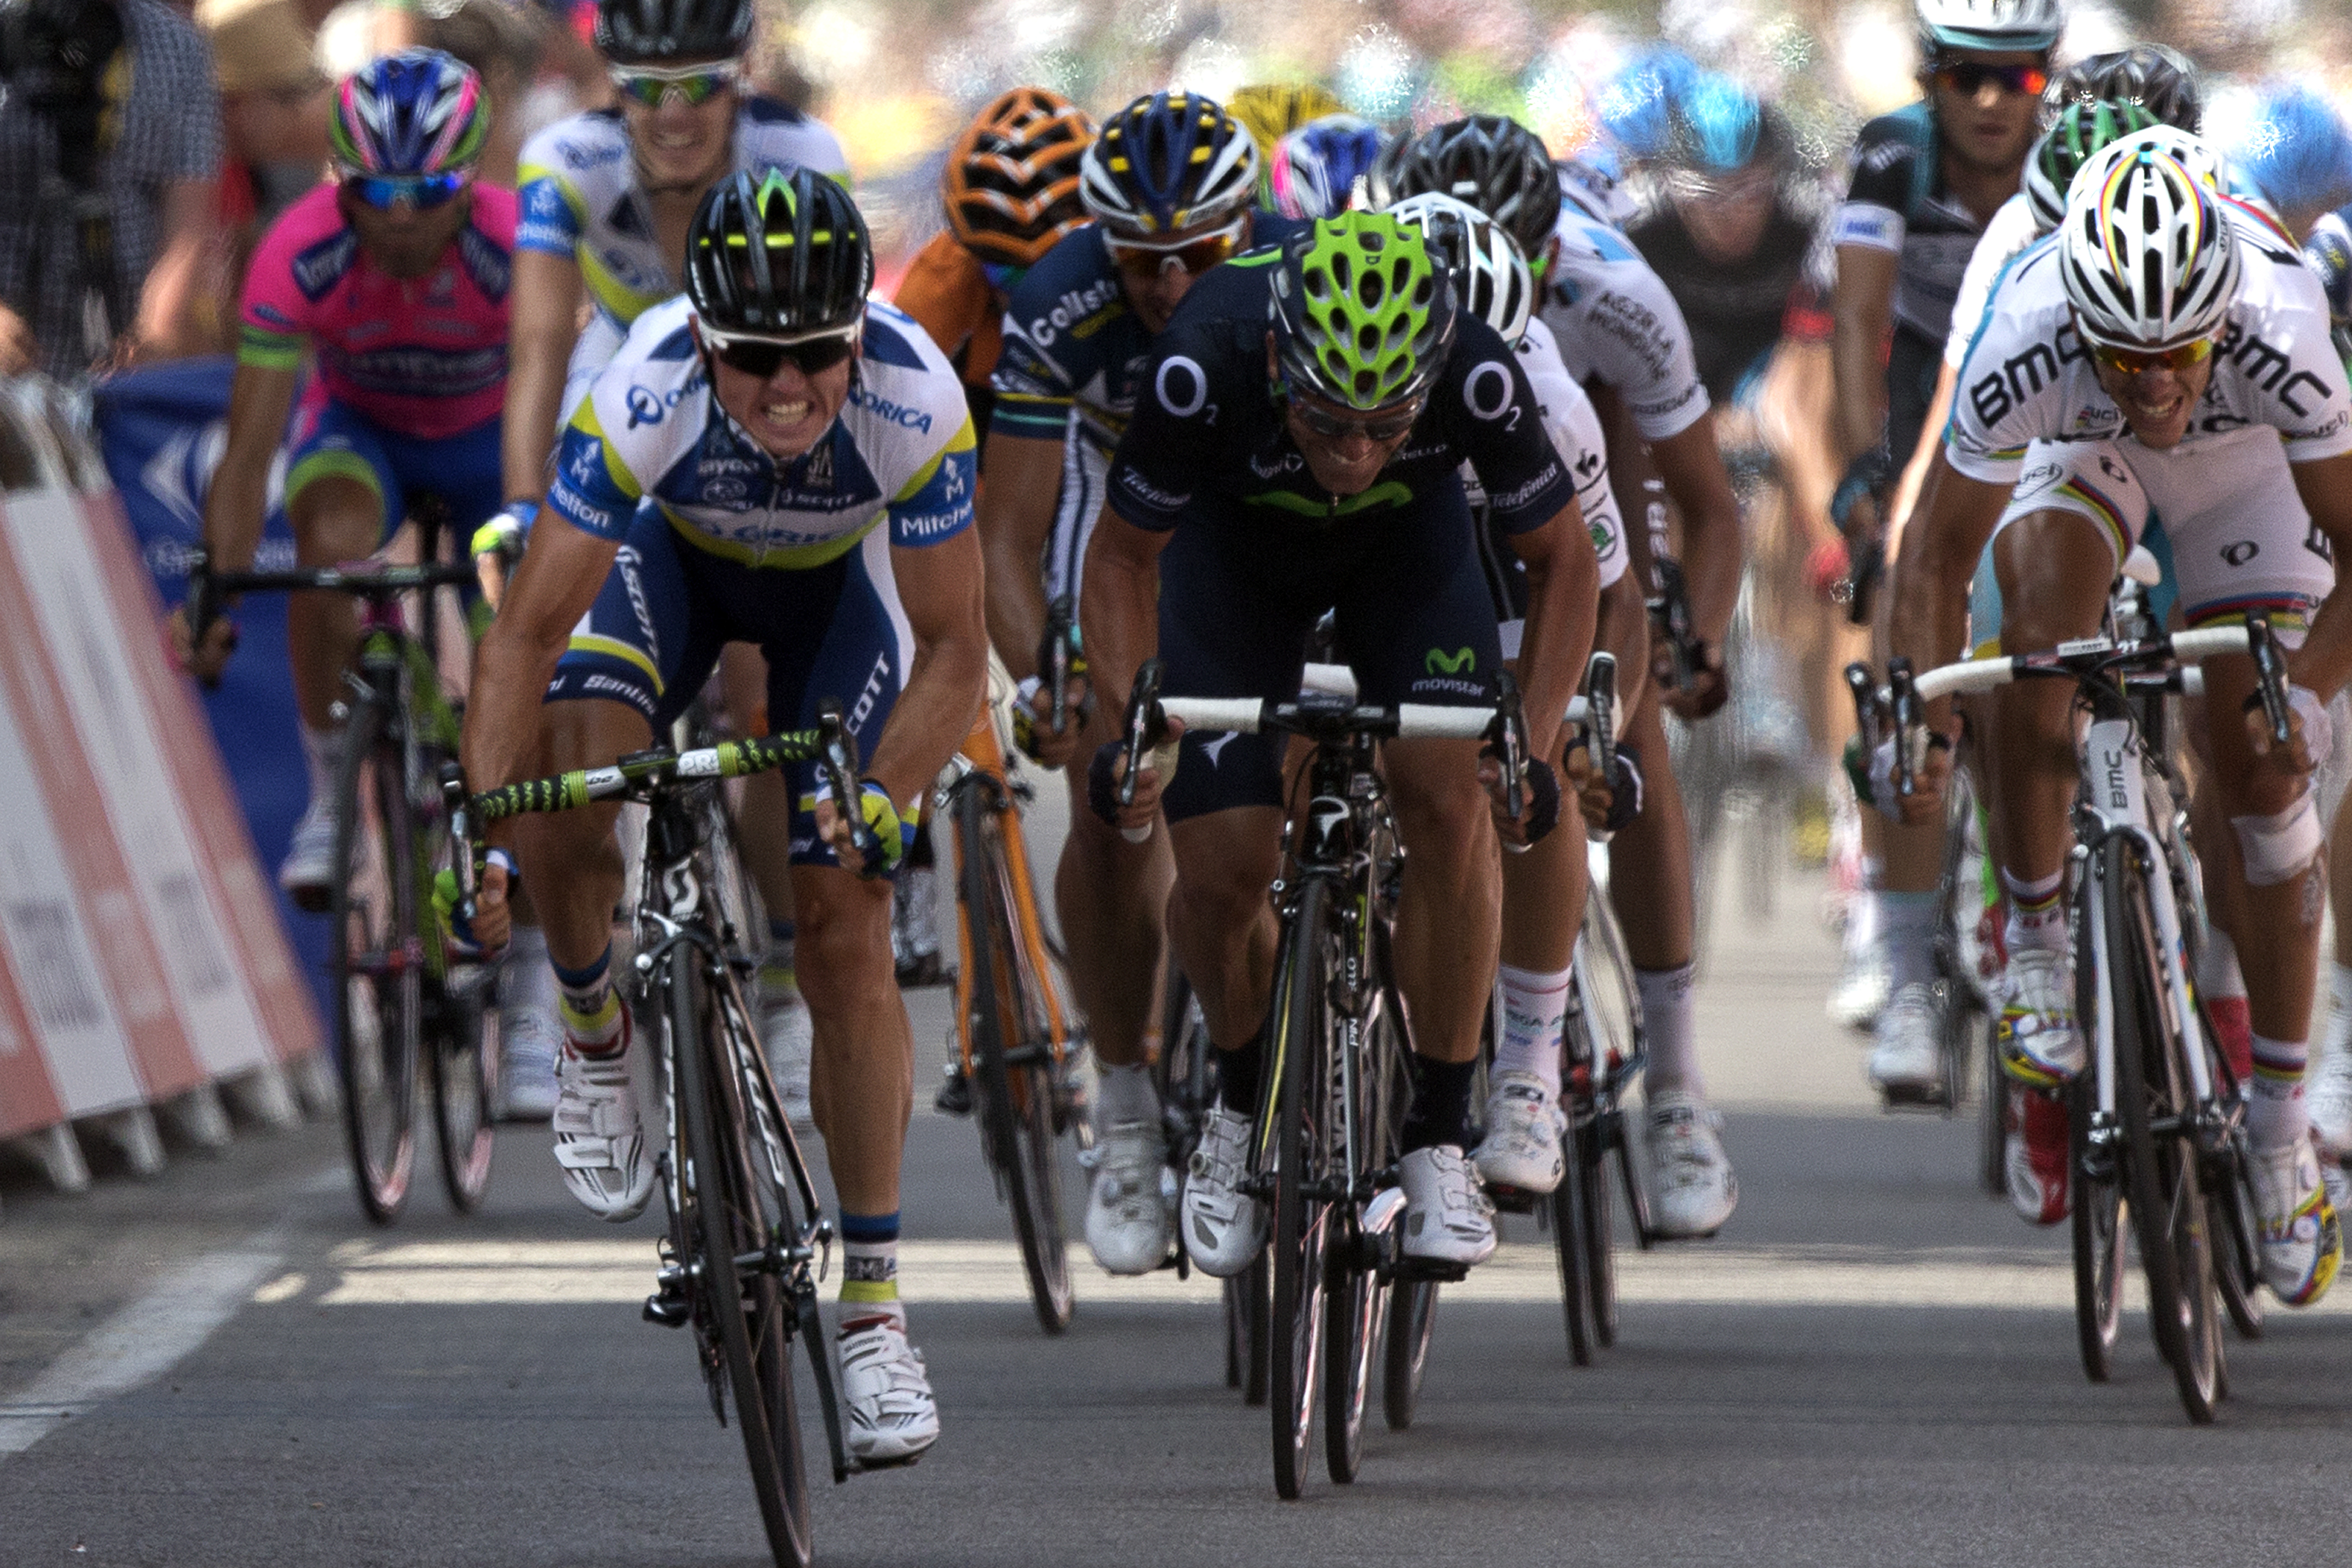 Simons Gerrans soprende a Sagan en el sprint y se lleva la tercera etapa